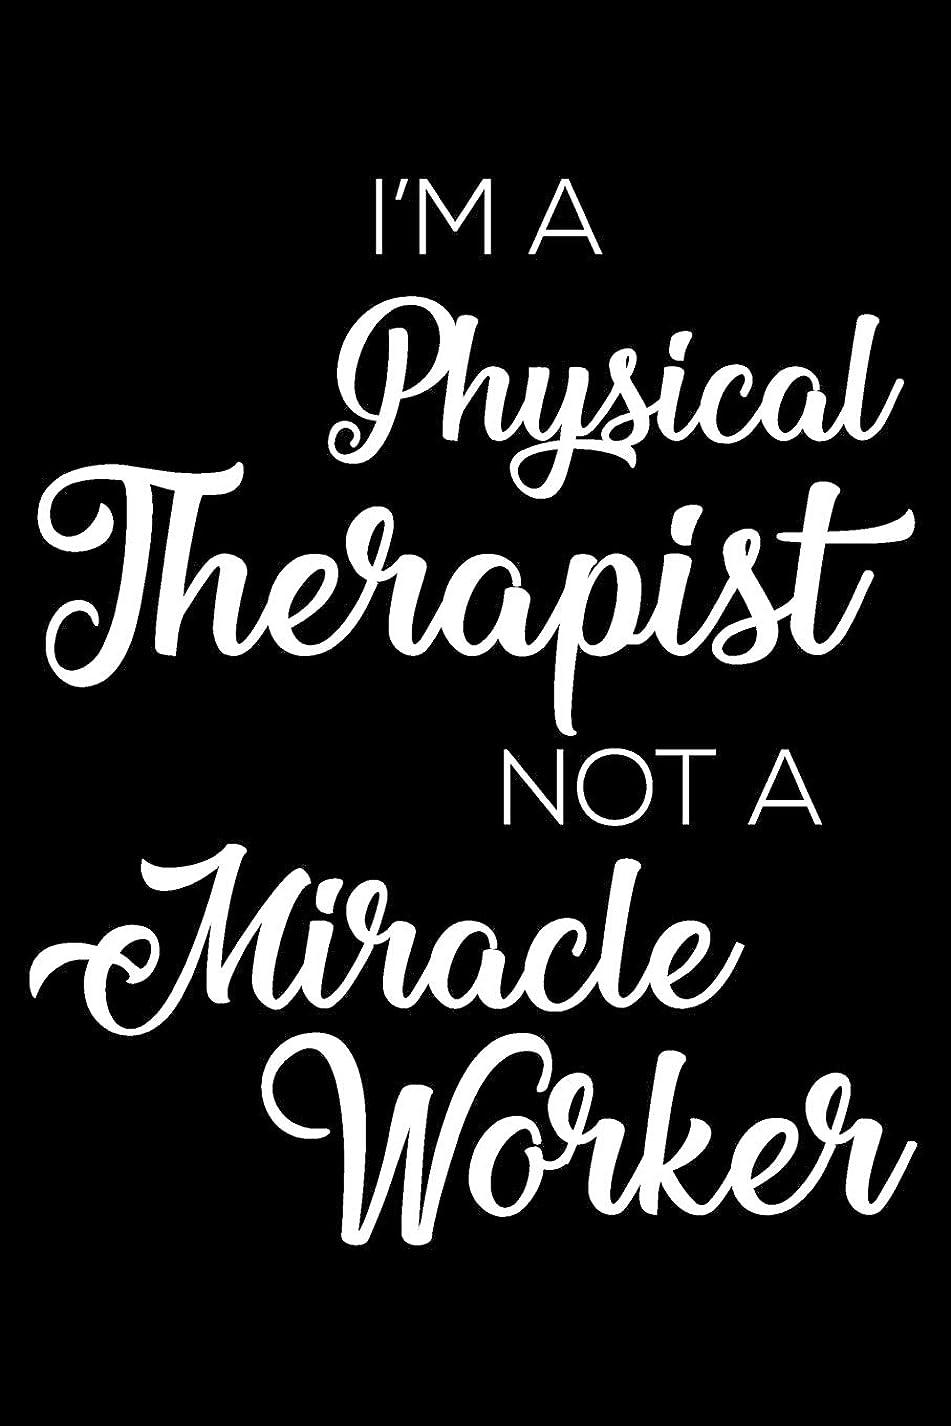 死ぬ有益な流用するI'm A Physical Therapist Not A Miracle Worker: 6x9 Notebook, Ruled, Funny Writing Notebook, Journal For Work, Daily Diary, Planner, Organizer, Appointment Book for Physical Therapists